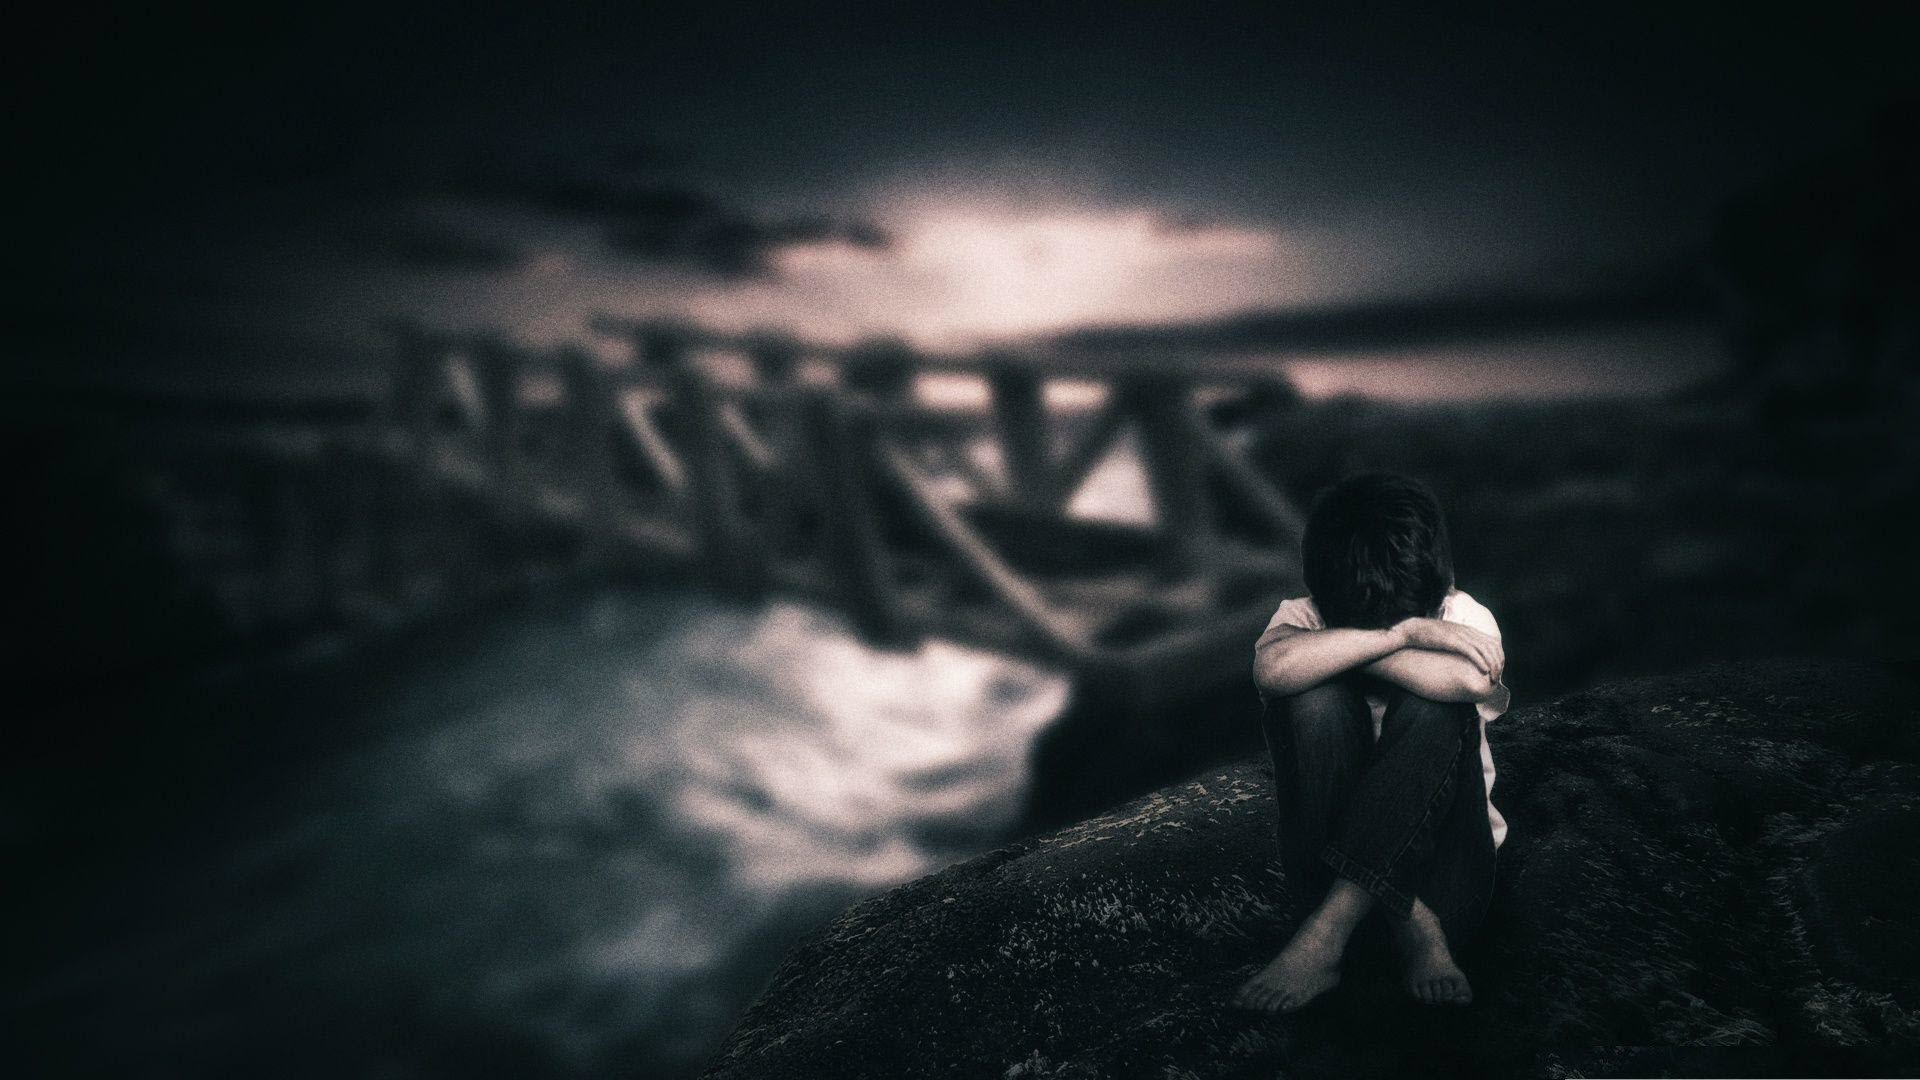 Ảnh con trai cô đơn buồn, khóc đẹp nhất